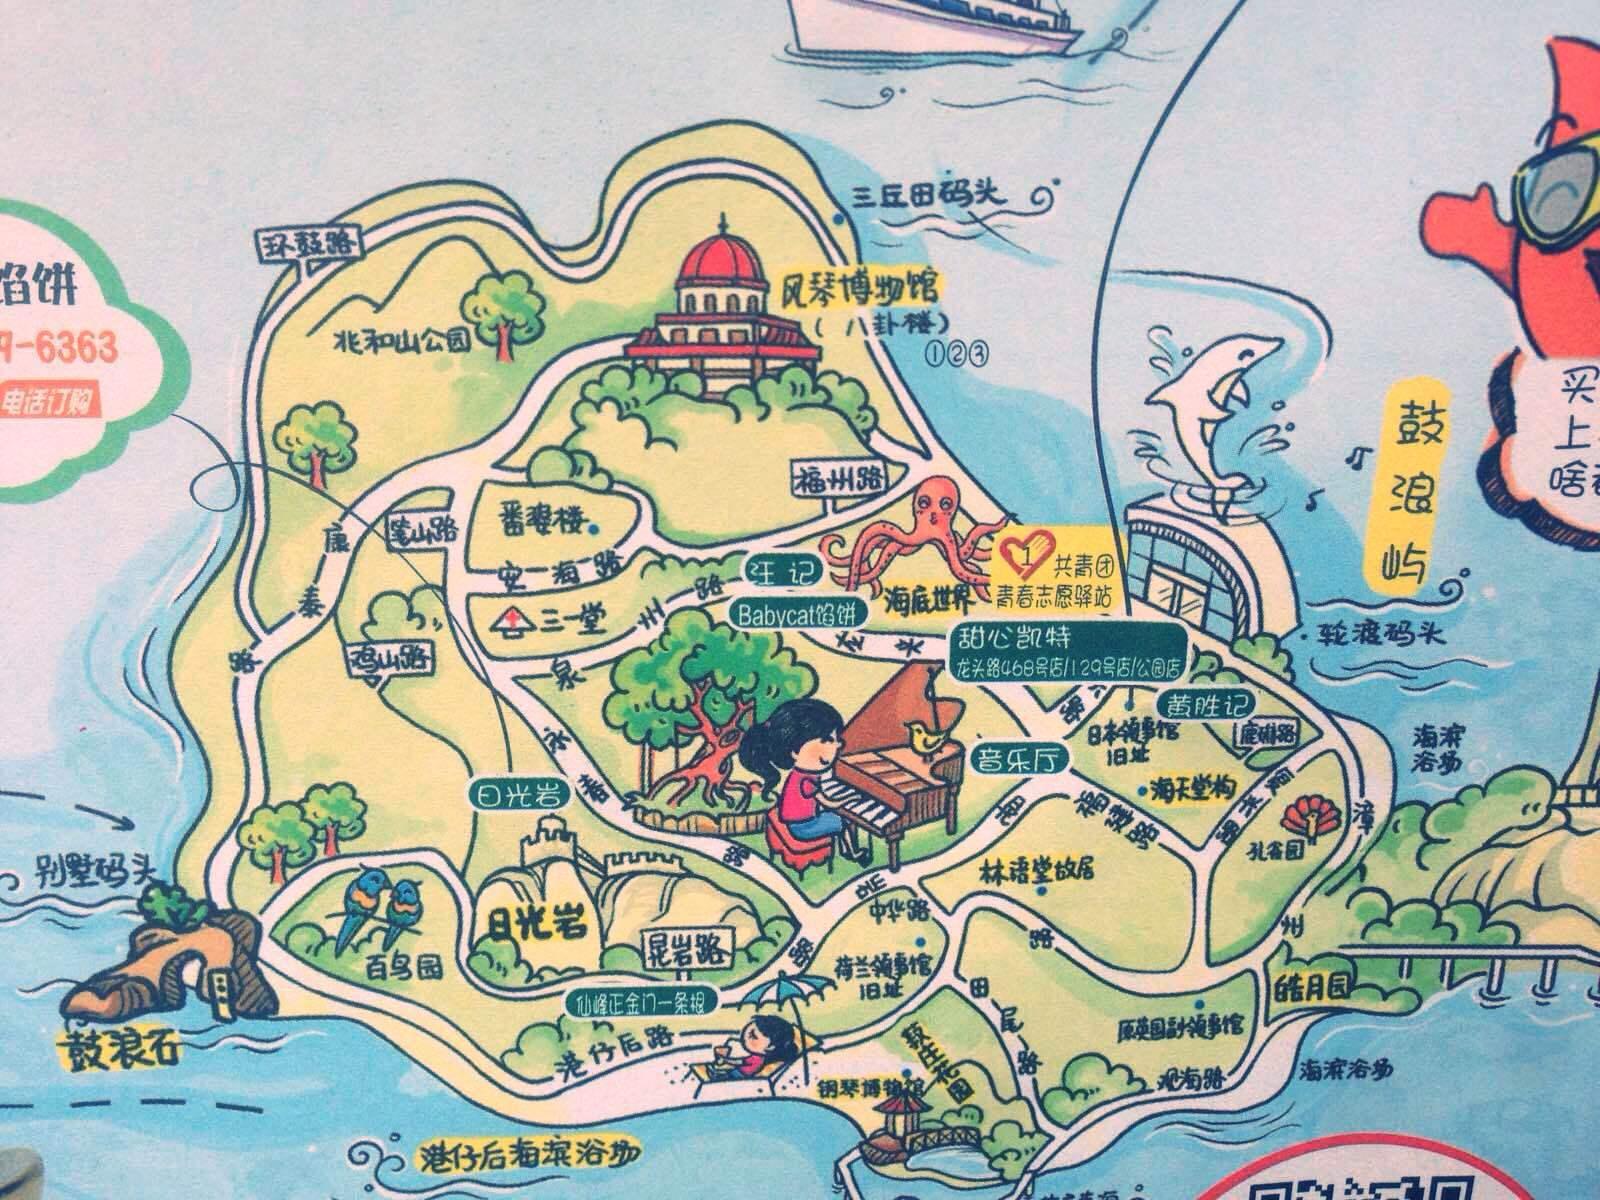 关于厦门旅游手绘地图